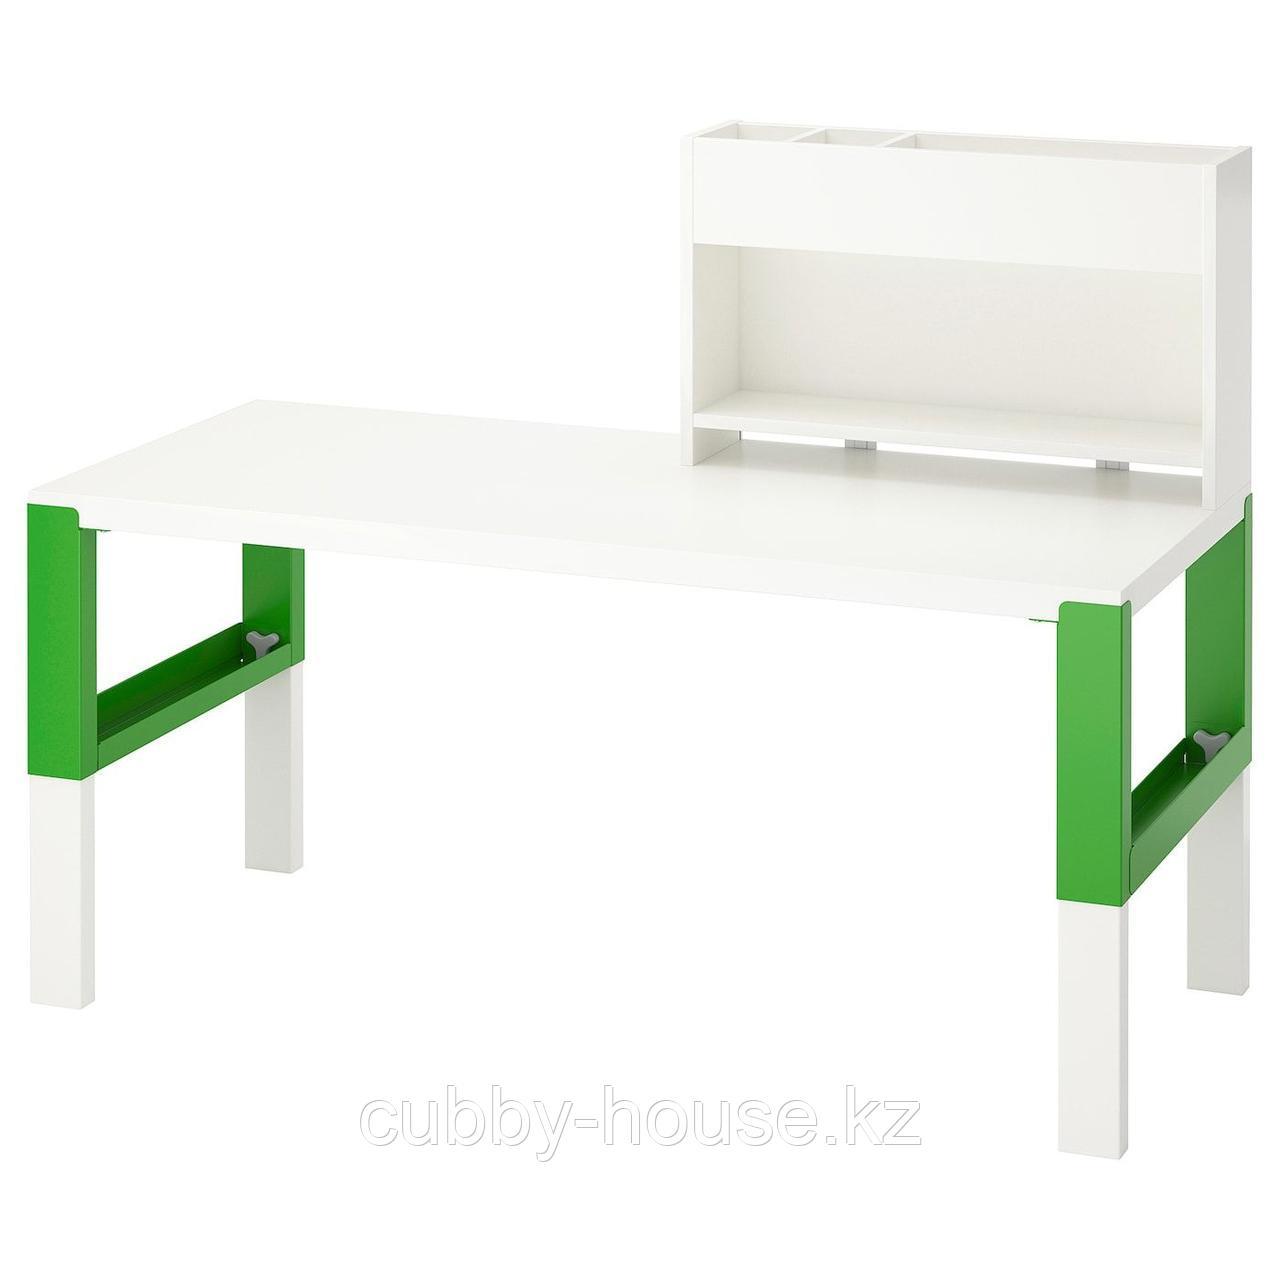 ПОЛЬ Стол с дополнительным модулем, белый, 128x58 см